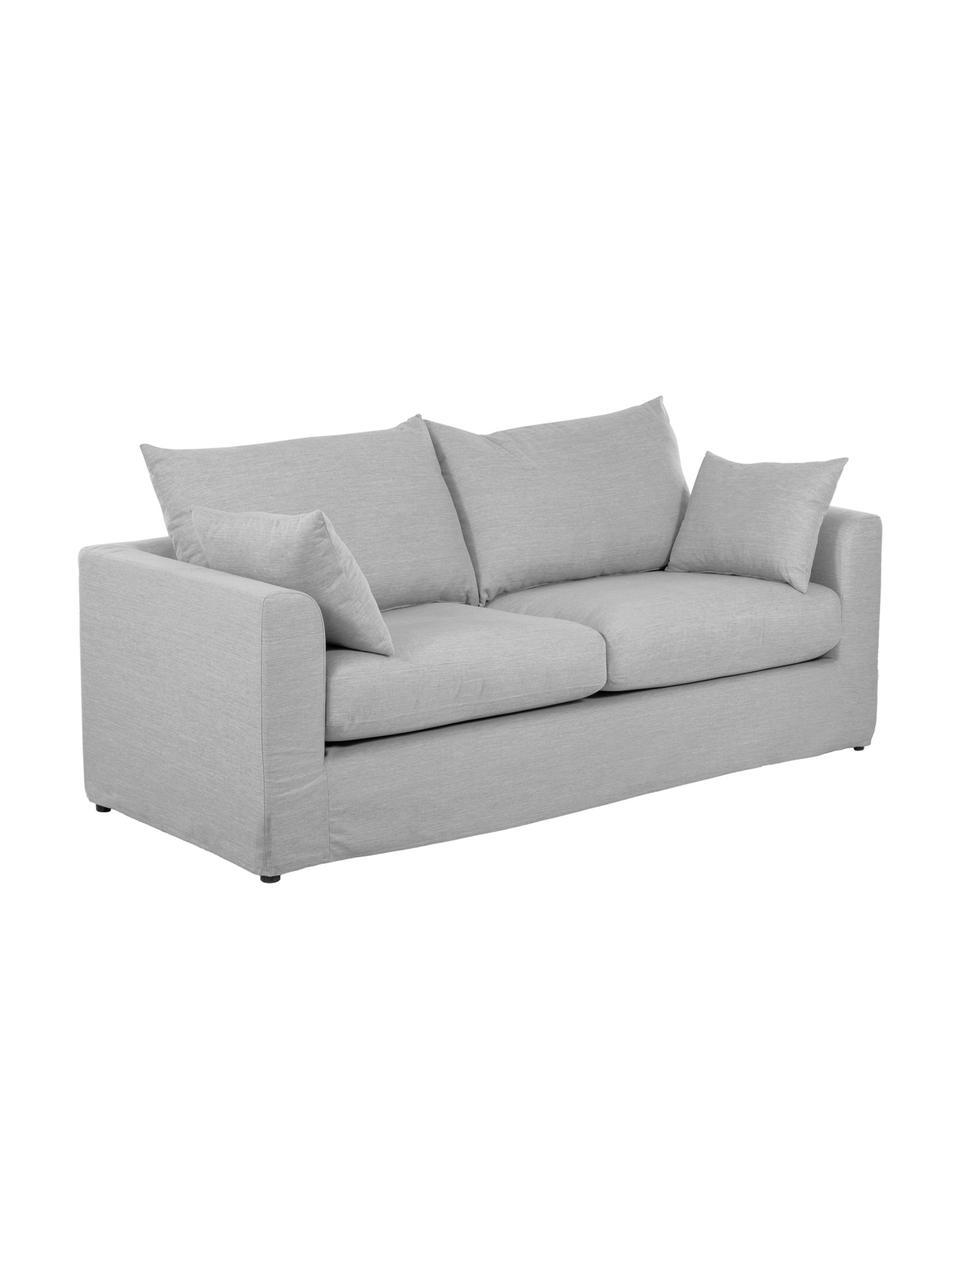 Canapé 2places gris Zach, Tissu gris